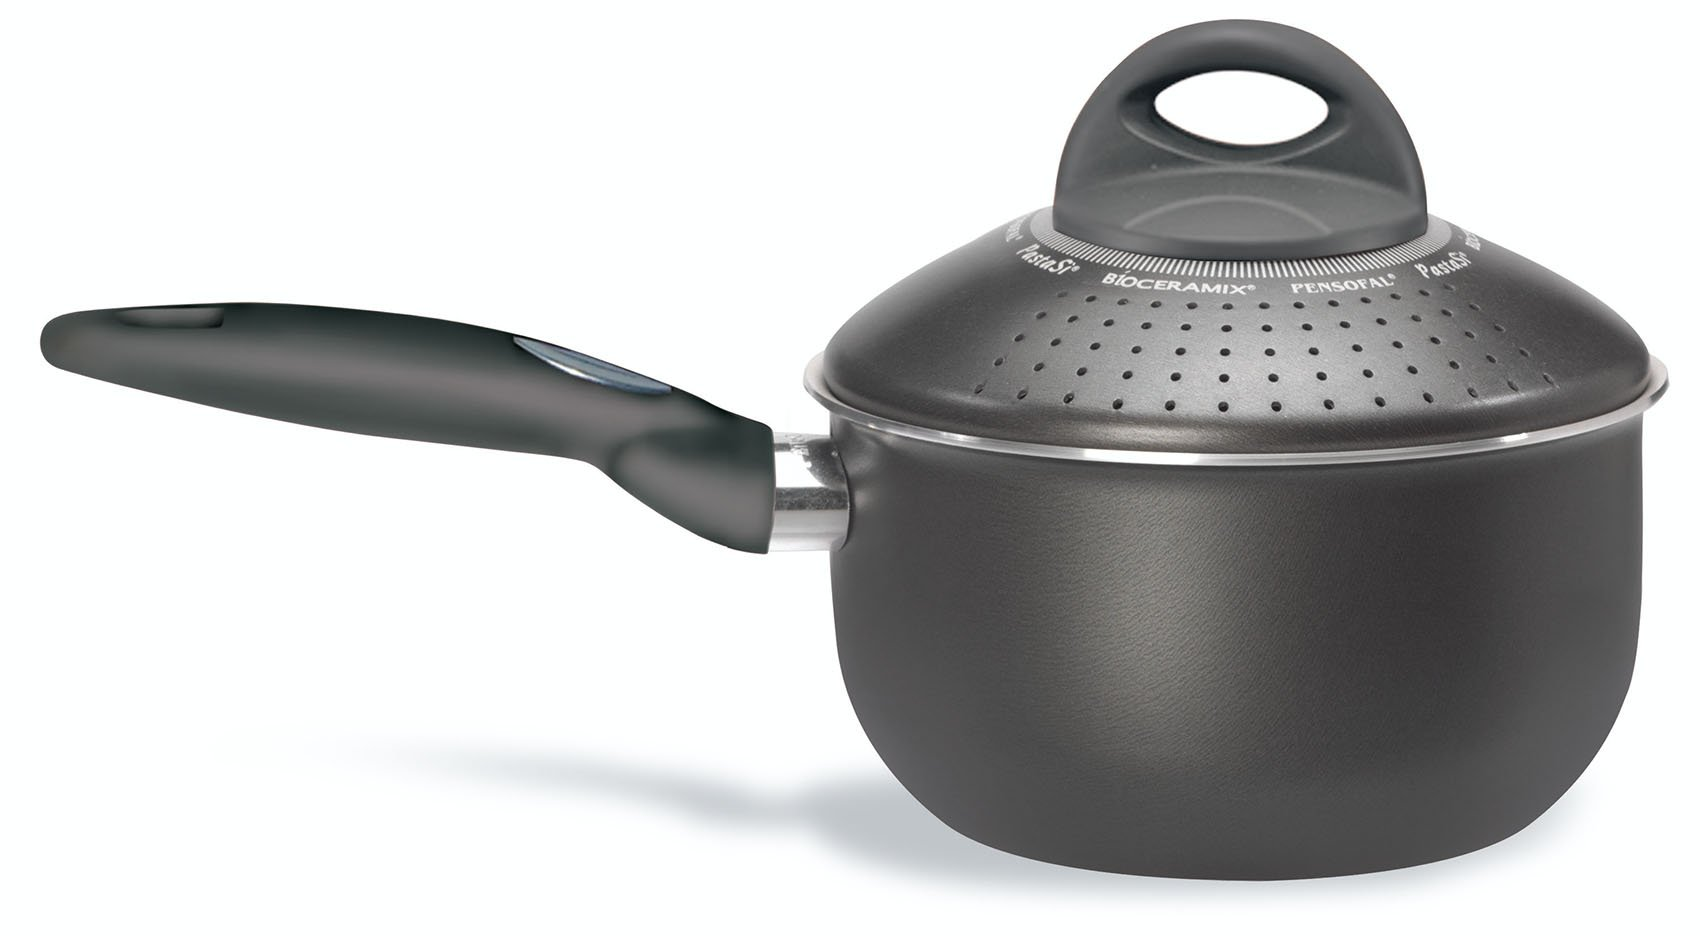 Pensofal 07PEN8630 Platino Bio-Ceramix Non-Stick Baby PastaSi Pasta Cooker with Lid, 1-1/2-Quart